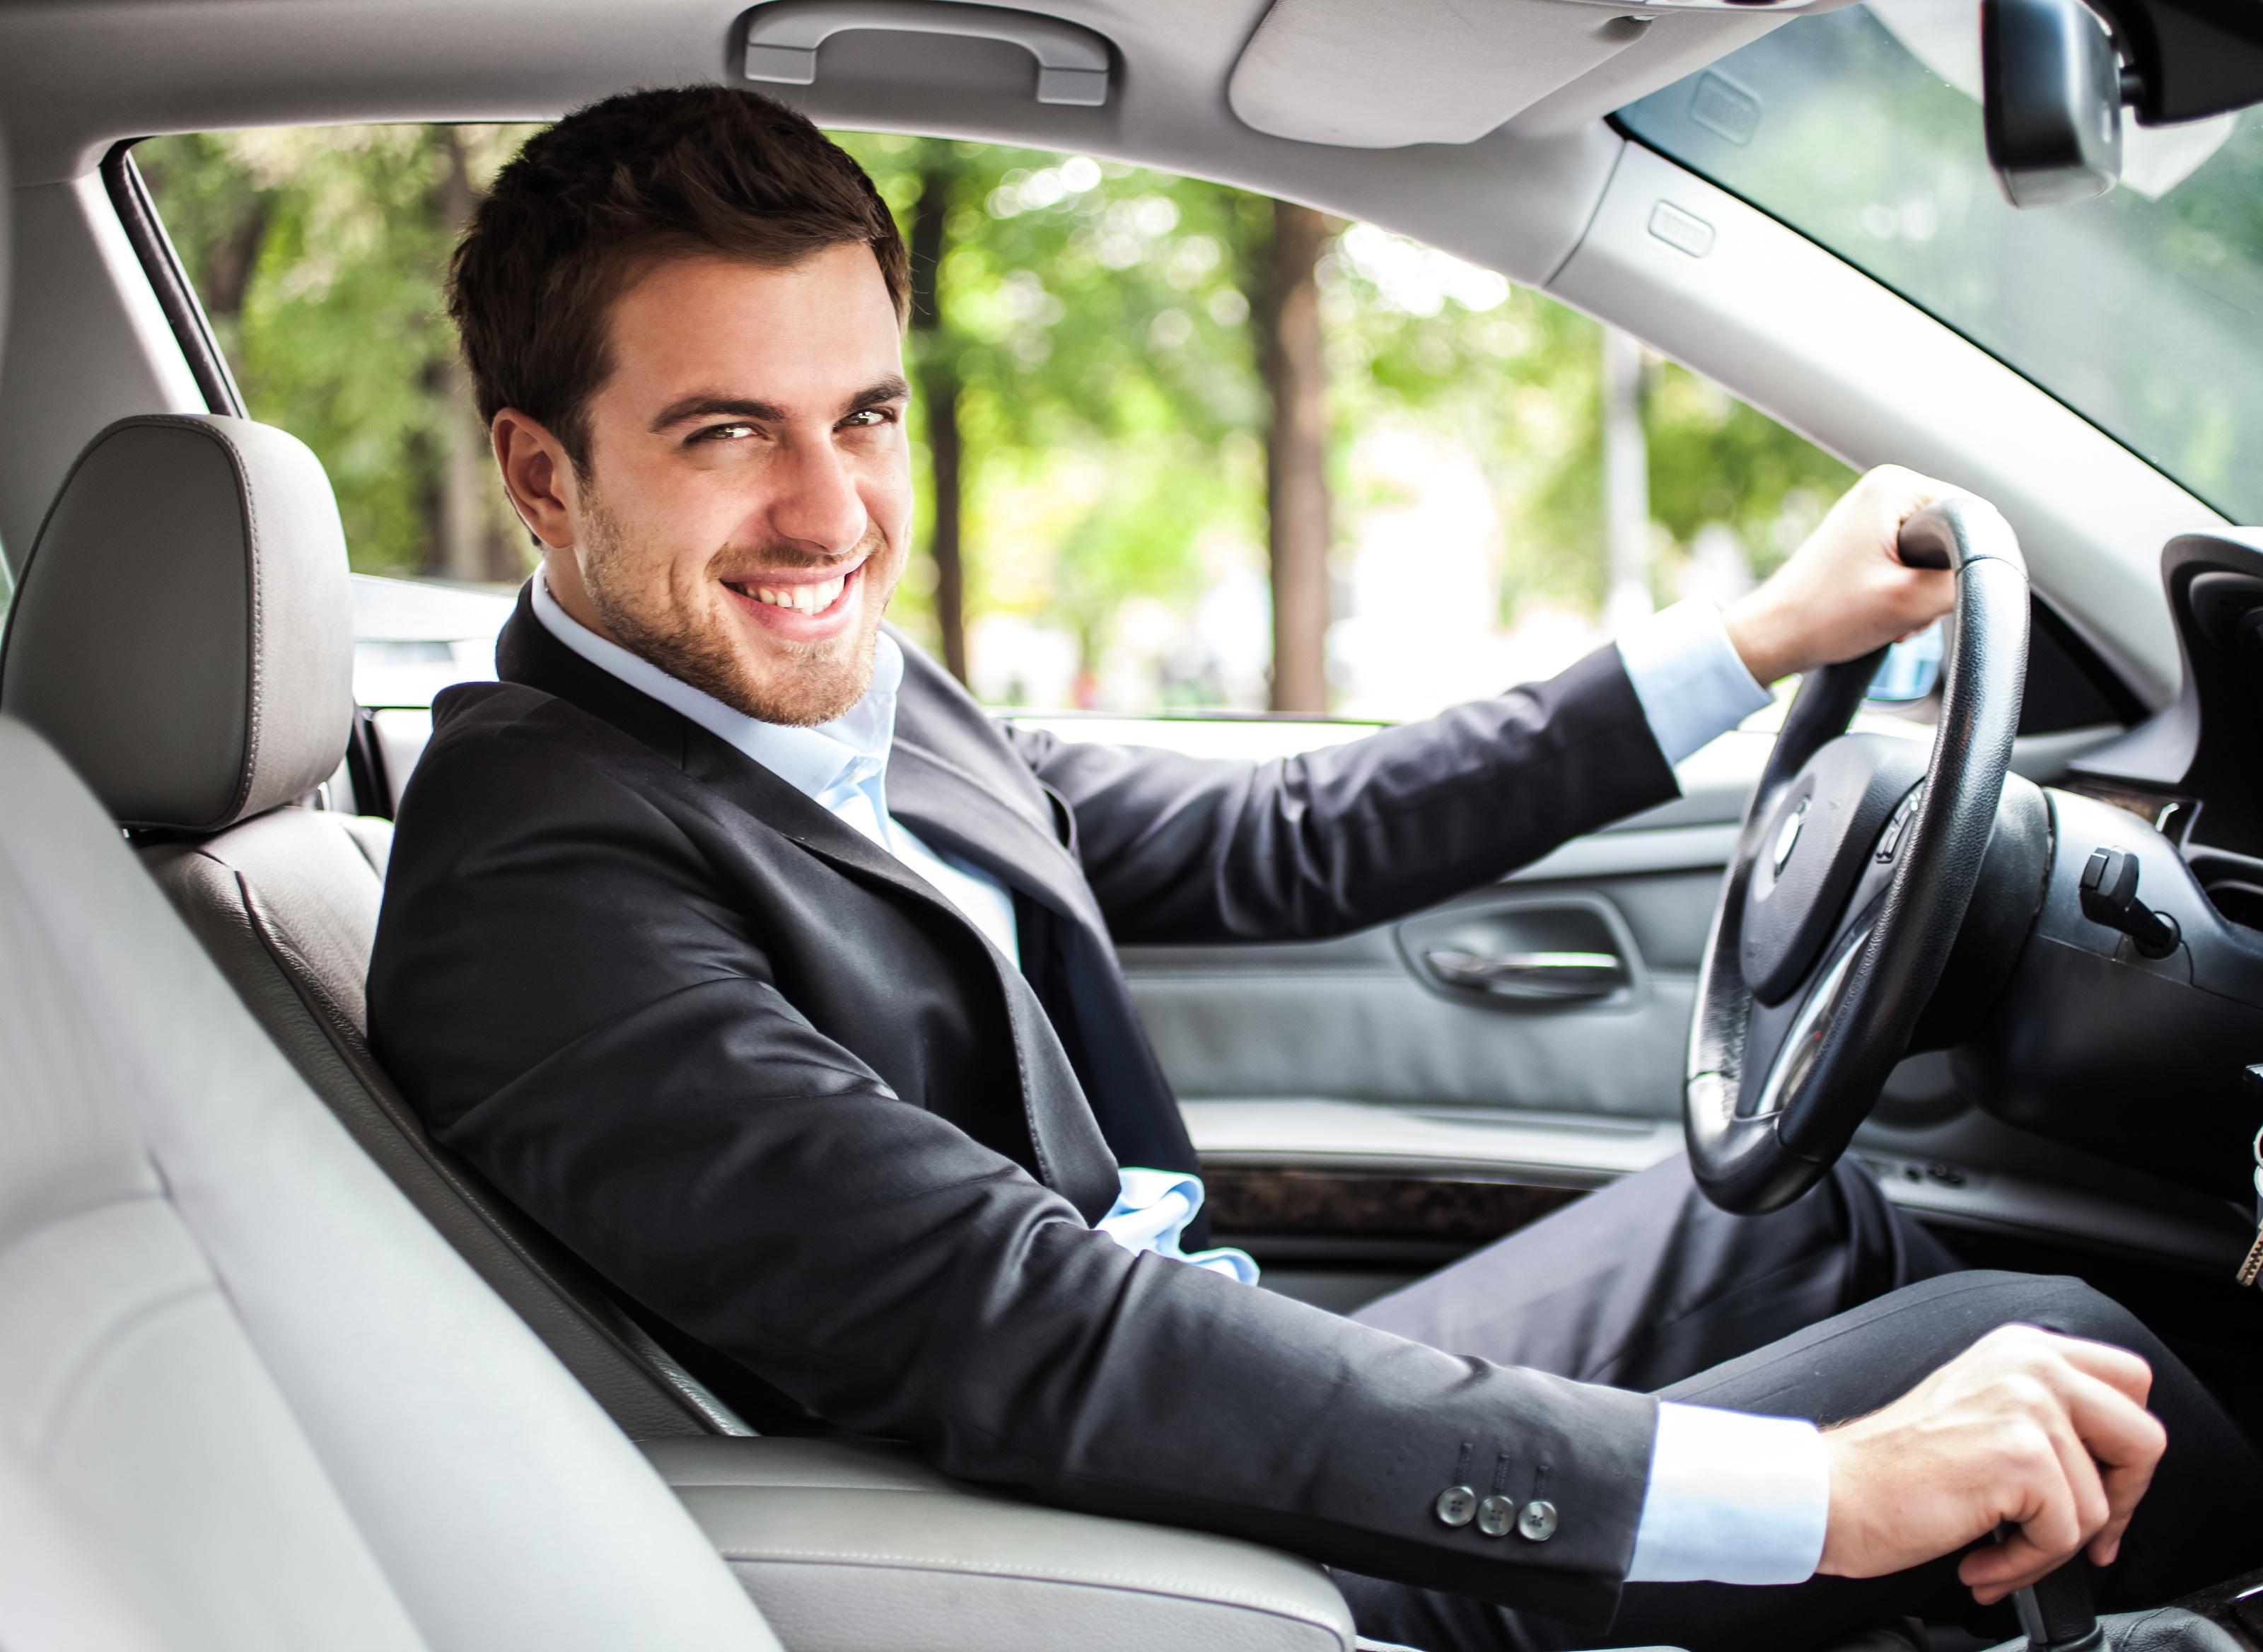 Ecole de conduite en ligne